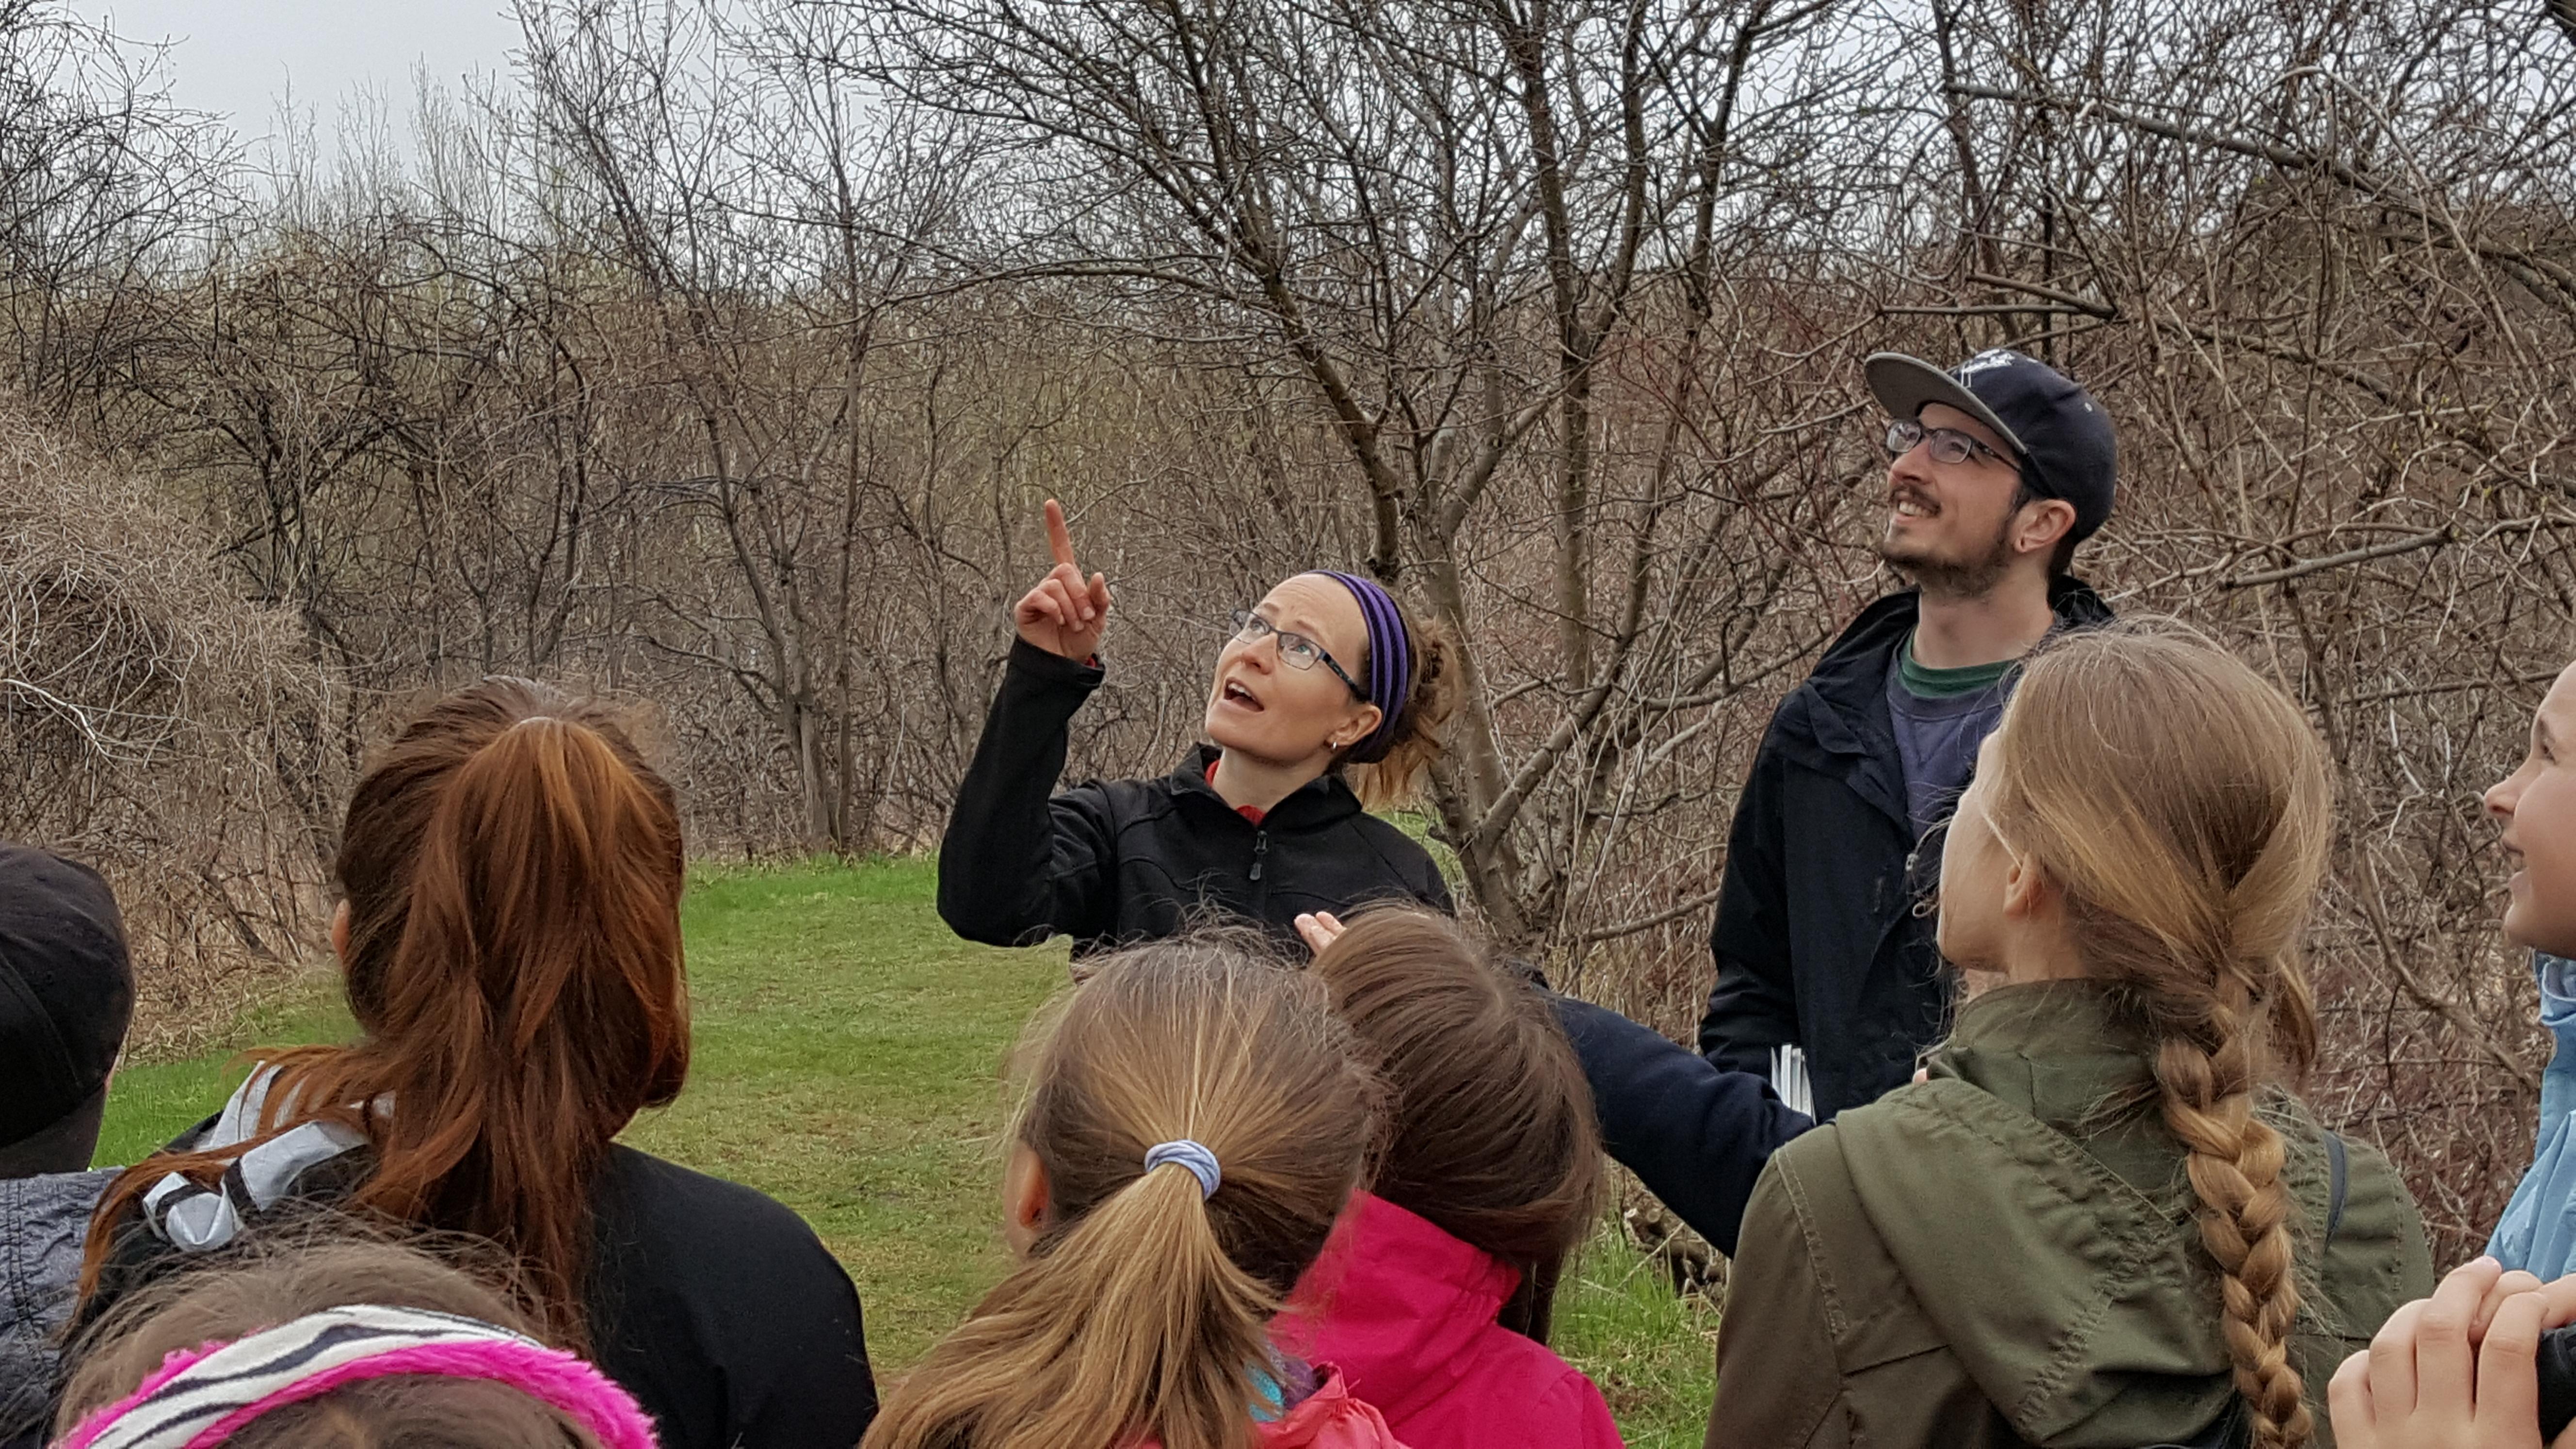 Événement provincial du 24 heures de science avec les élèves de l'École St-Joseph de Lévis le 12 mai 2017 à la Réserve naturelle du Marais-Léon-Provancher (Photo: Elisabeth Bossert)